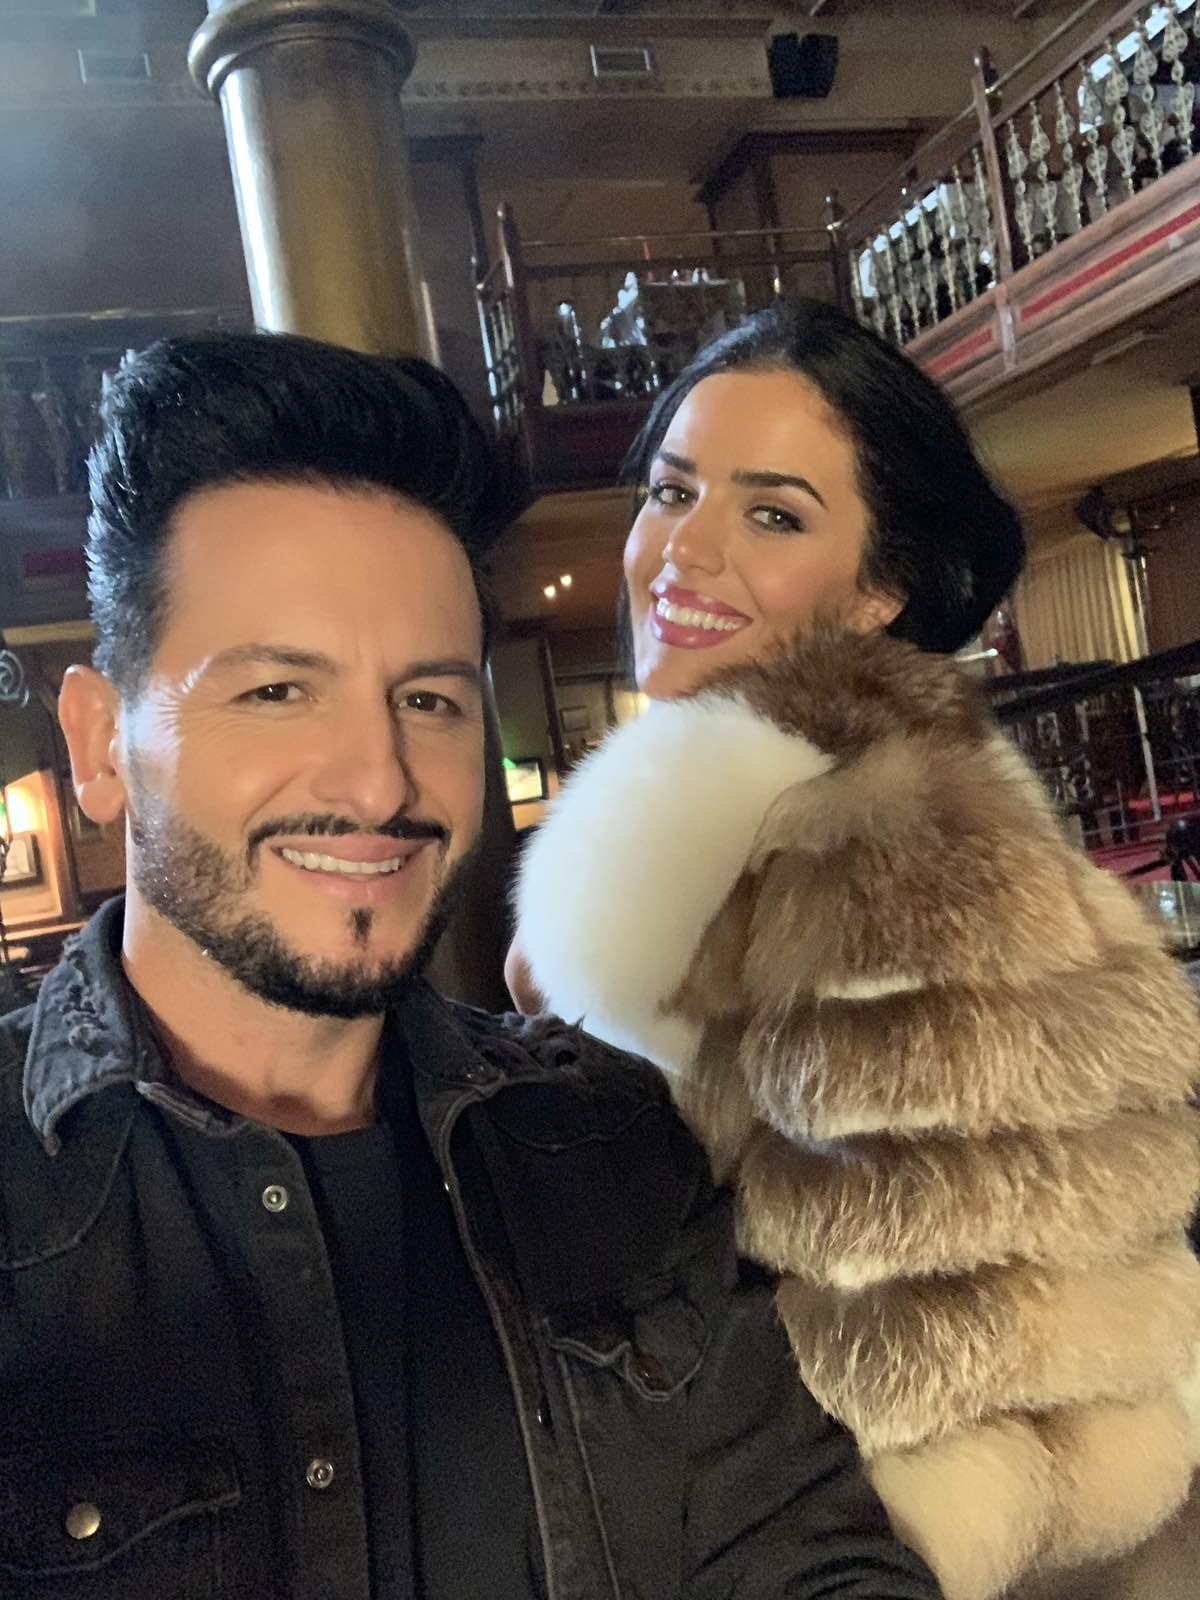 Neno Murić teaserom zagolicao pažnju publike, nakon premijere pjesme nastupi u Austriji